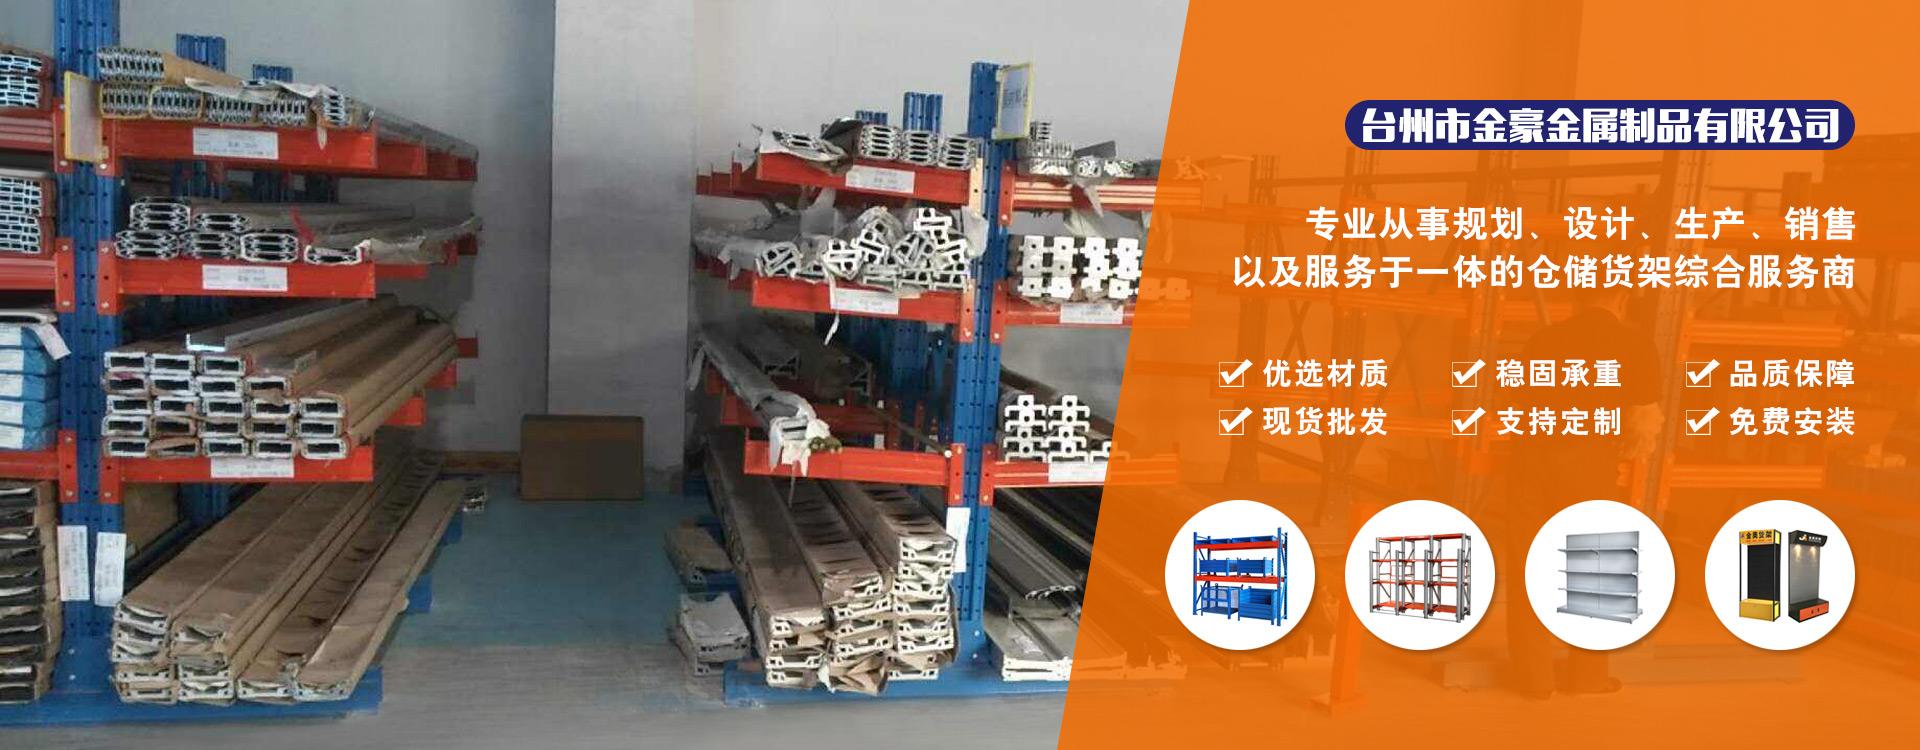 专业从事规划、设计、生产、销售以及服务于一体的仓储货架综合服务商